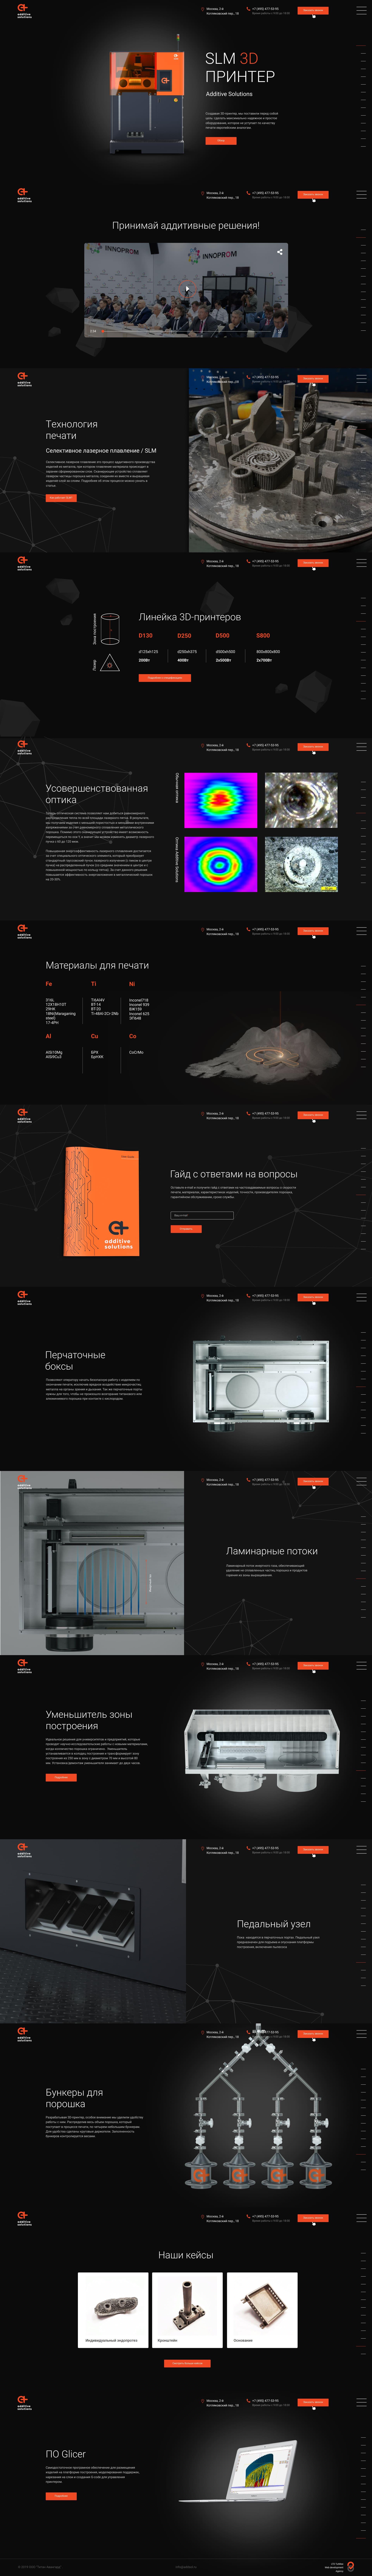 Адаптивный дизайн - производство SLM 3d-принтеров